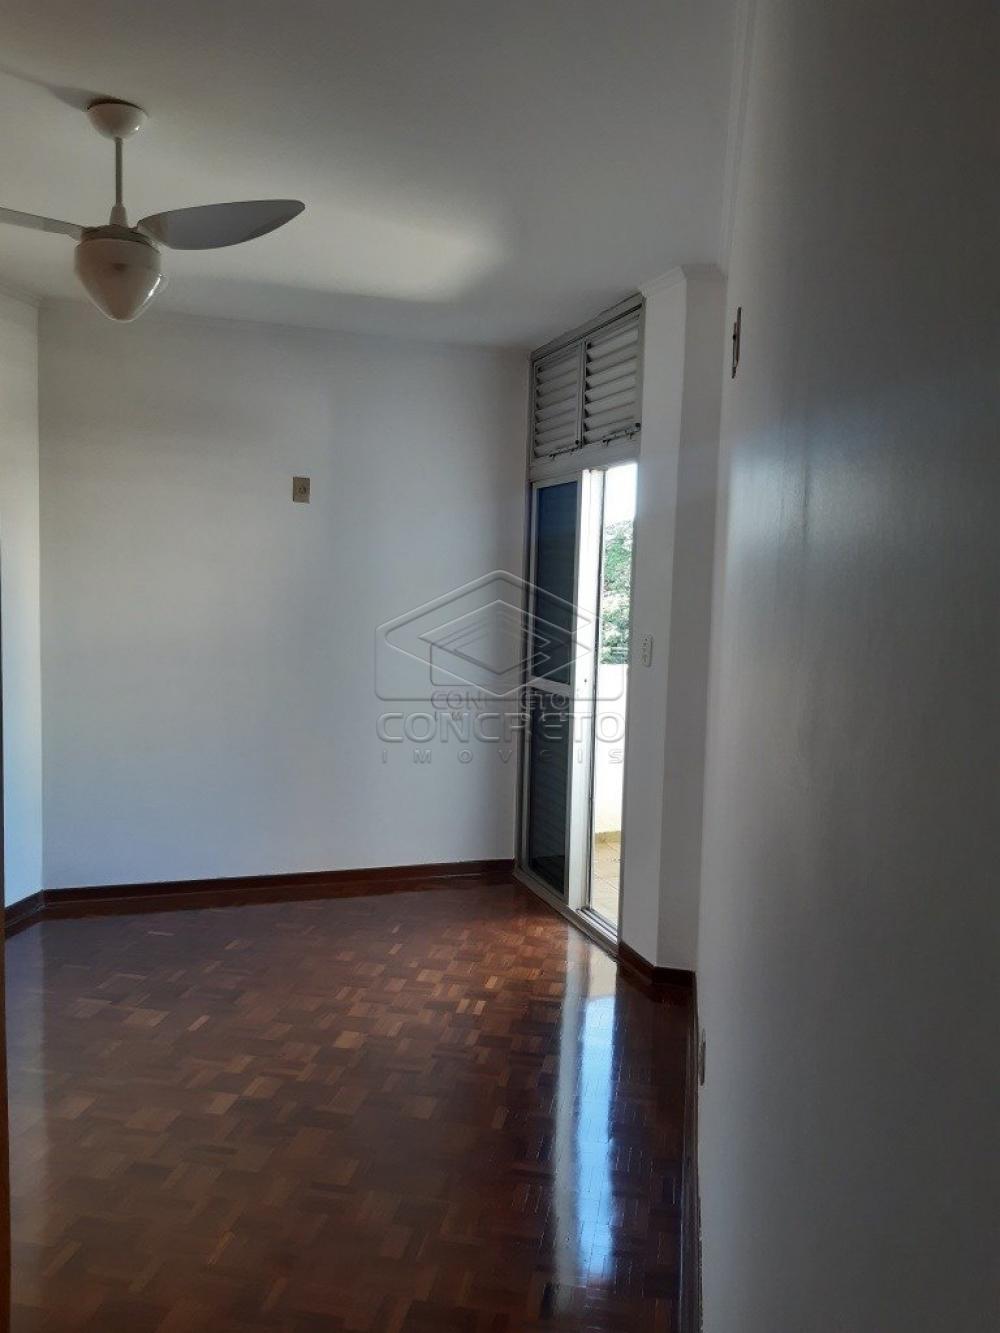 Alugar Apartamento / Padrão em Bauru R$ 1.500,00 - Foto 14